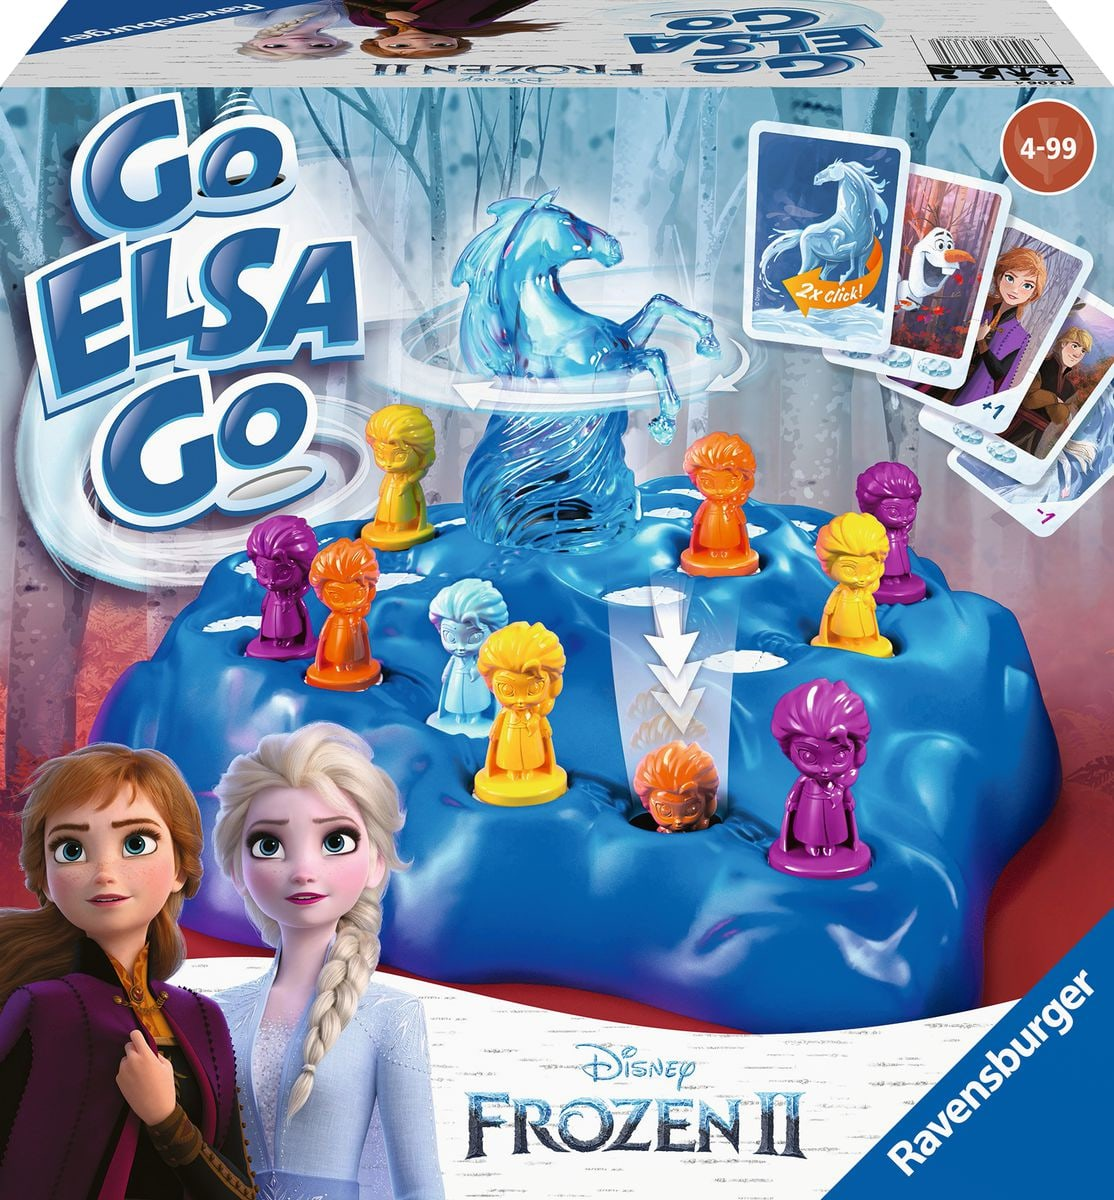 RVB Frozen 2 Go Elsa Go